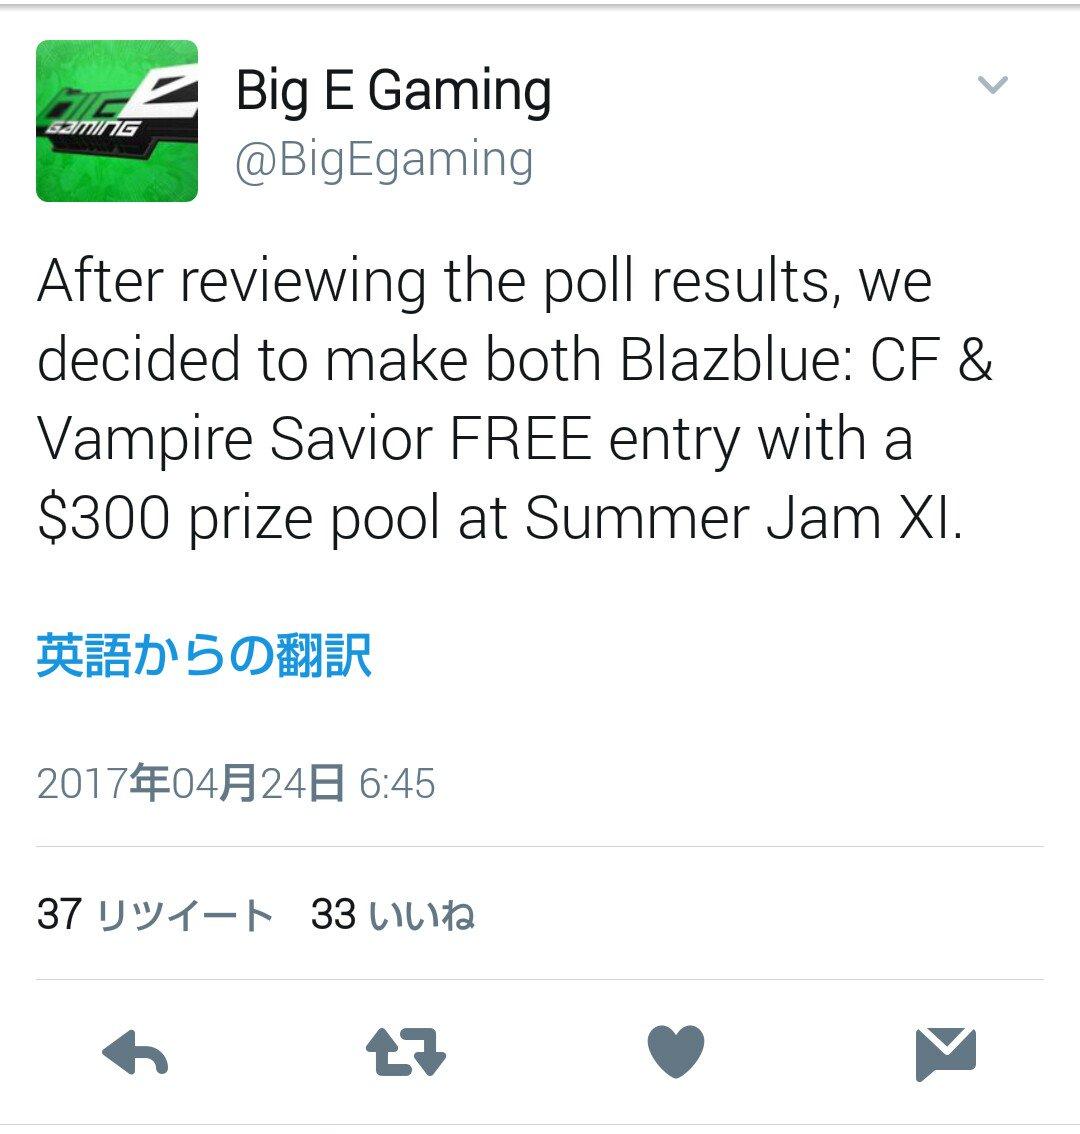 「summer jam XI」の開催種目投票は、最終が同率になったので、ブレイブルーとセイヴァーを両方やることに決まった